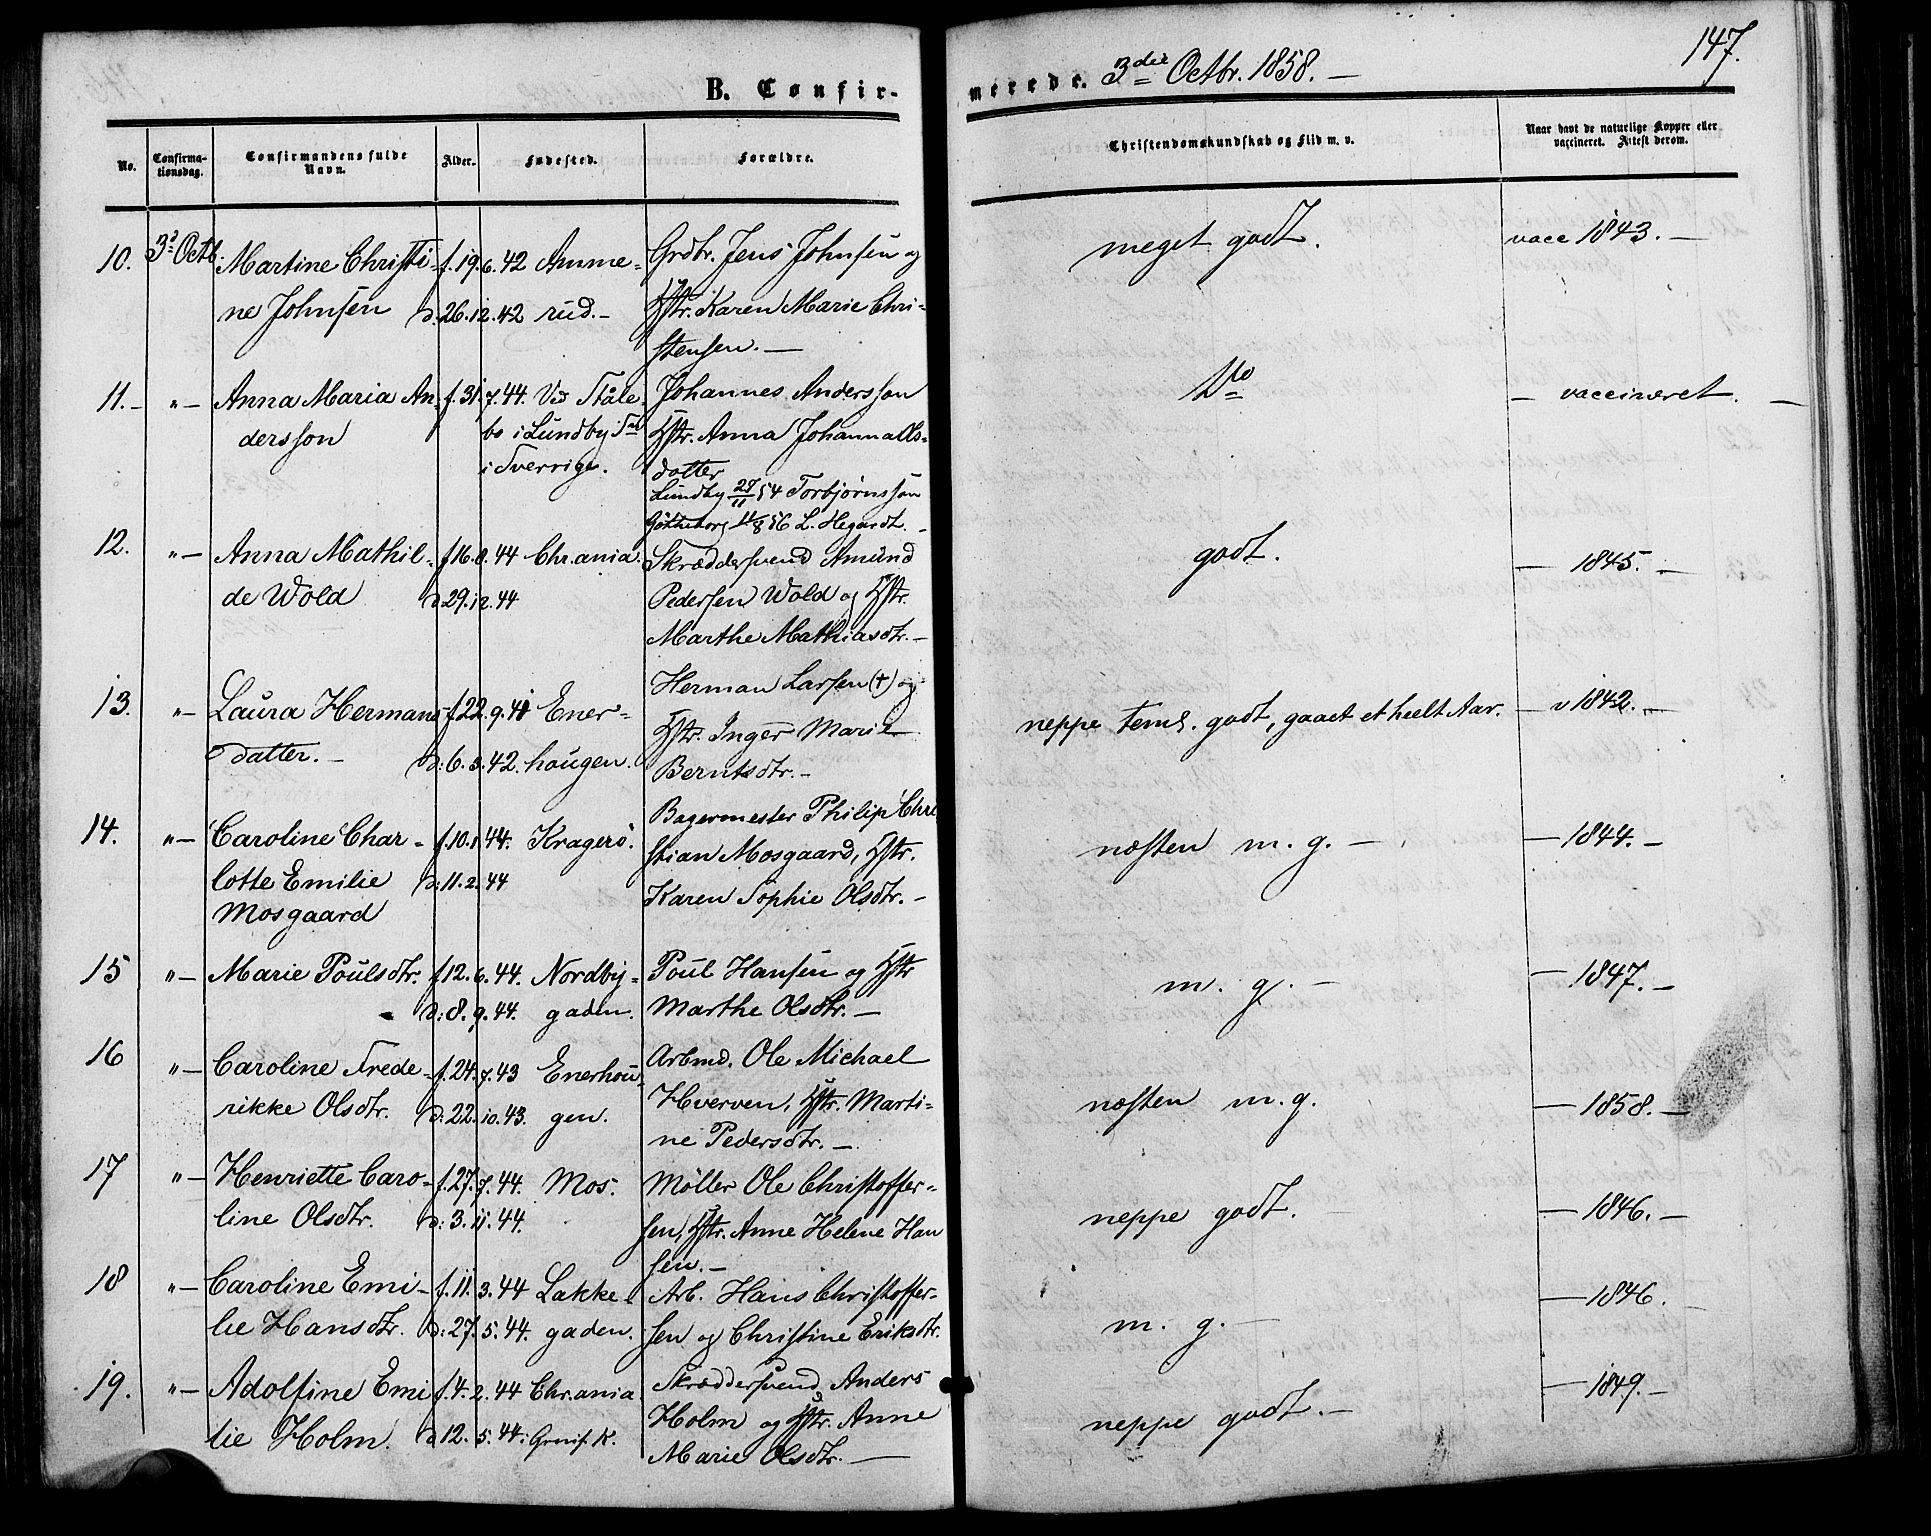 SAO, Vestre Aker prestekontor Kirkebøker, F/Fa/L0001: Ministerialbok nr. 1, 1853-1858, s. 147